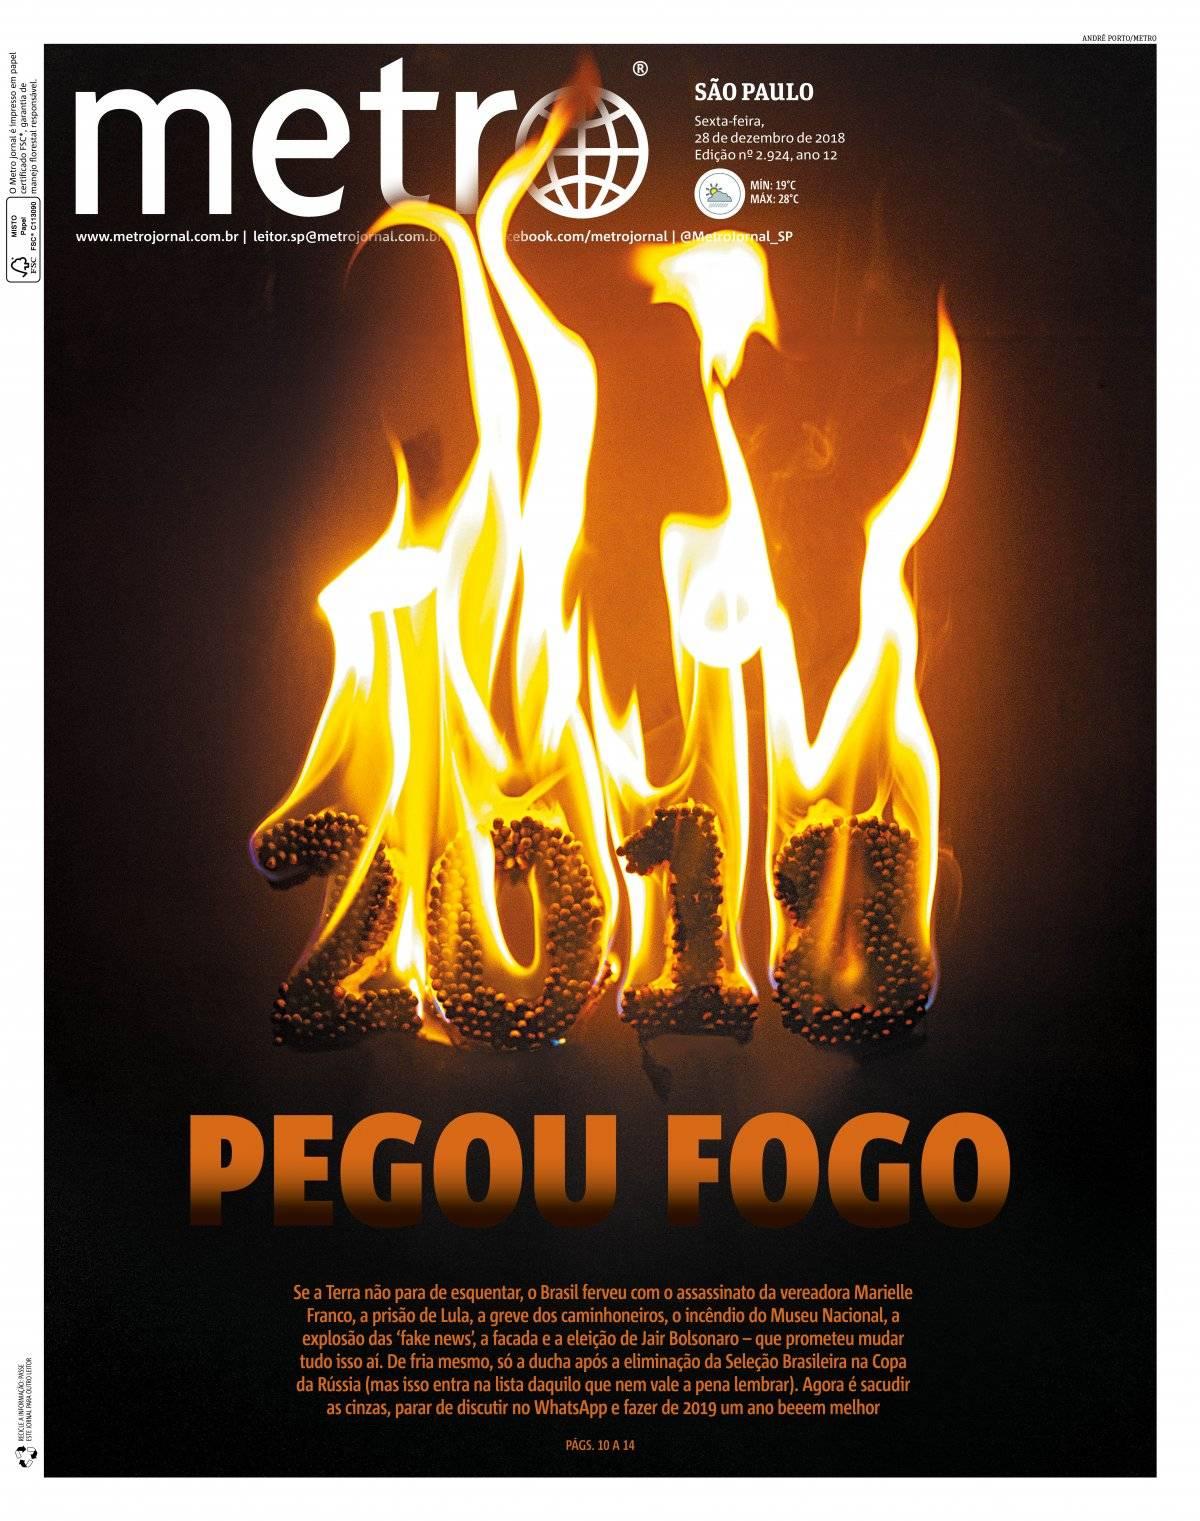 28 de dezembro. O ano que será lembrado como um dos mais incendiários do Brasil merecia uma capa à altura